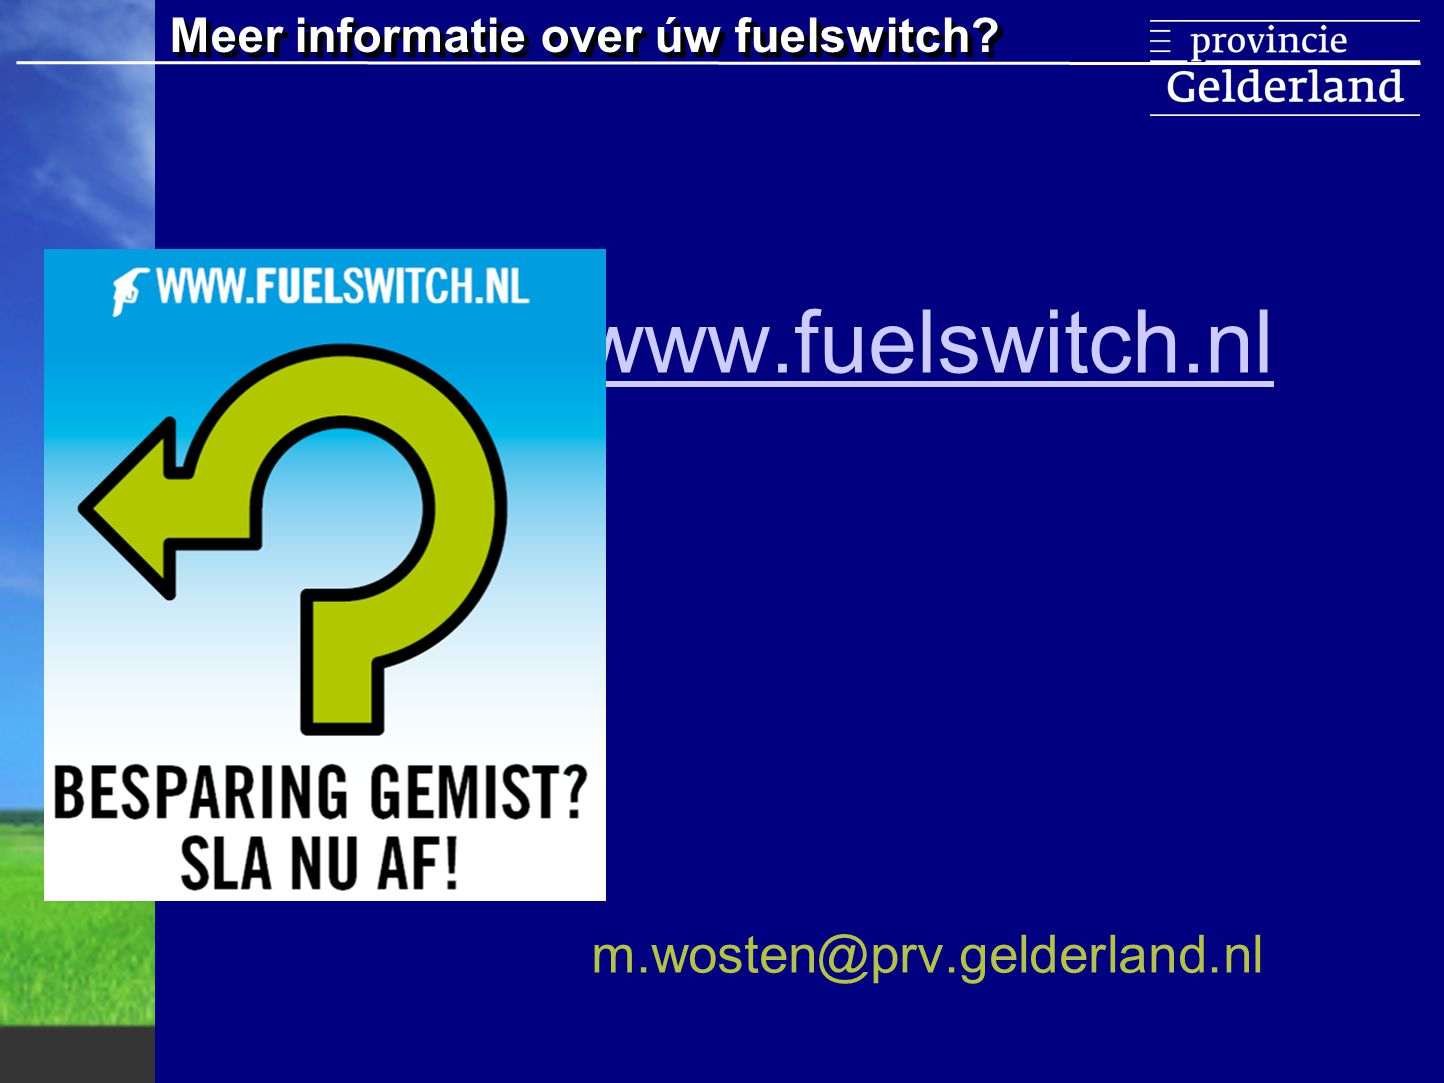 www.fuelswitch.nl m.wosten@prv.gelderland.nl